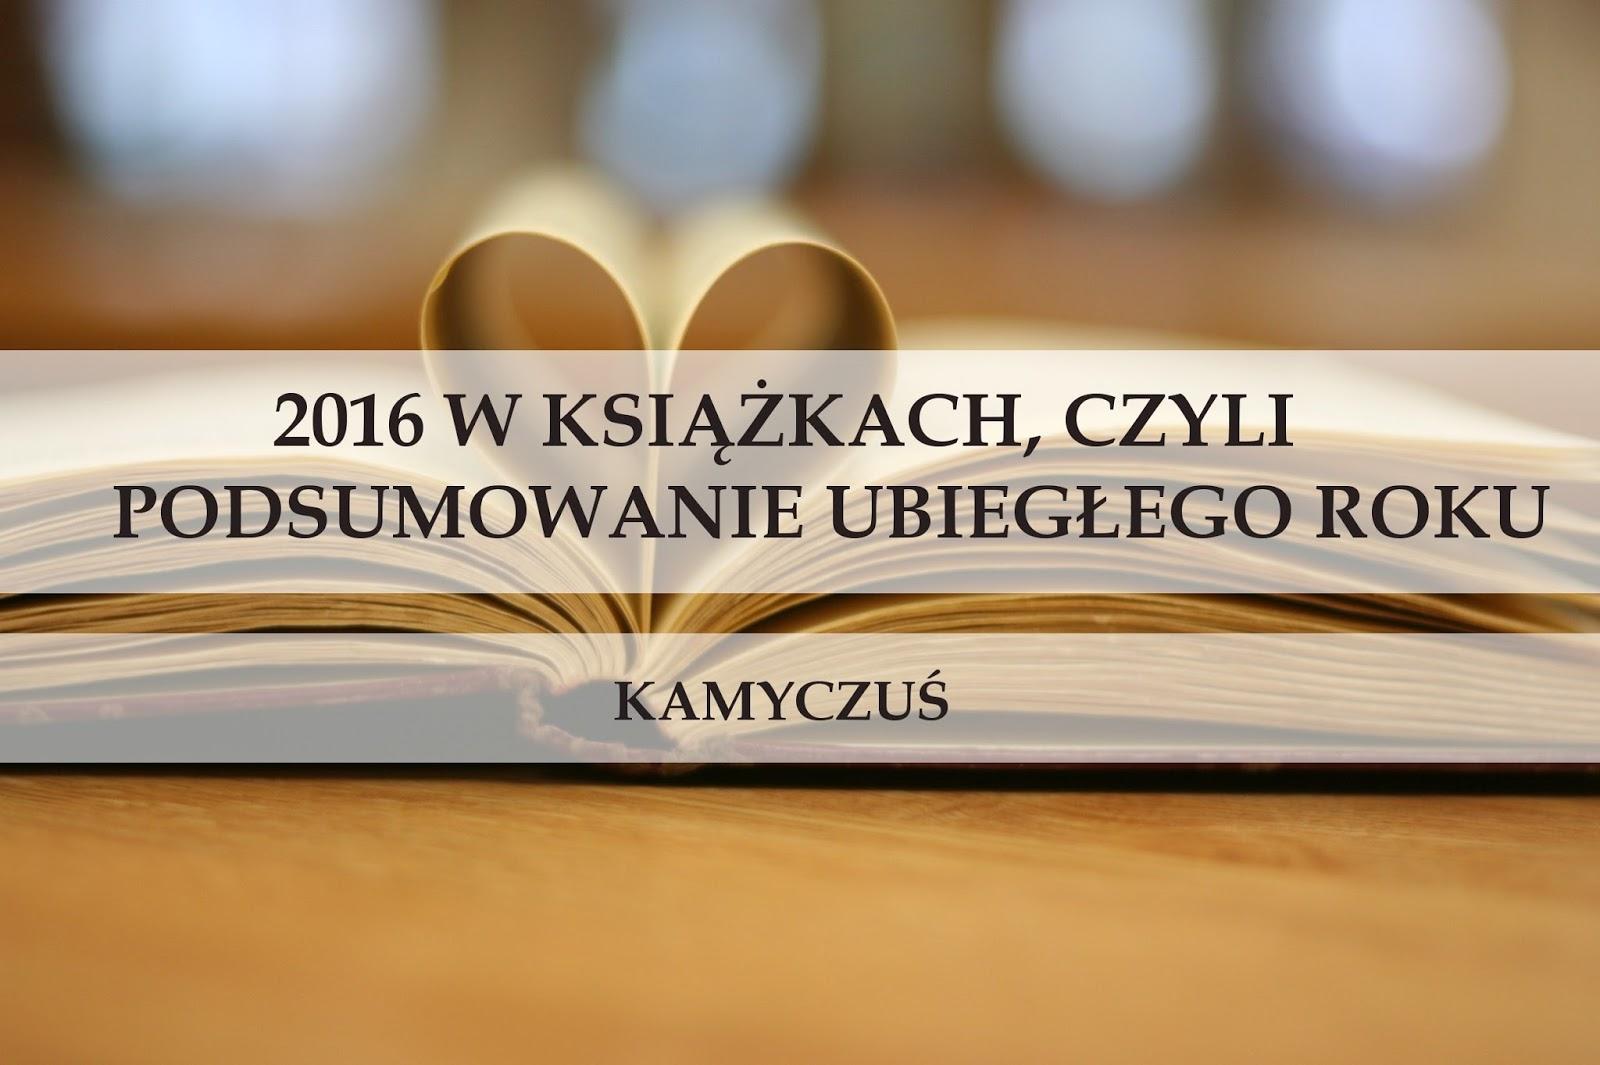 2016 w książkach, czyli podsumowanie ubiegłego roku. Cz. 1